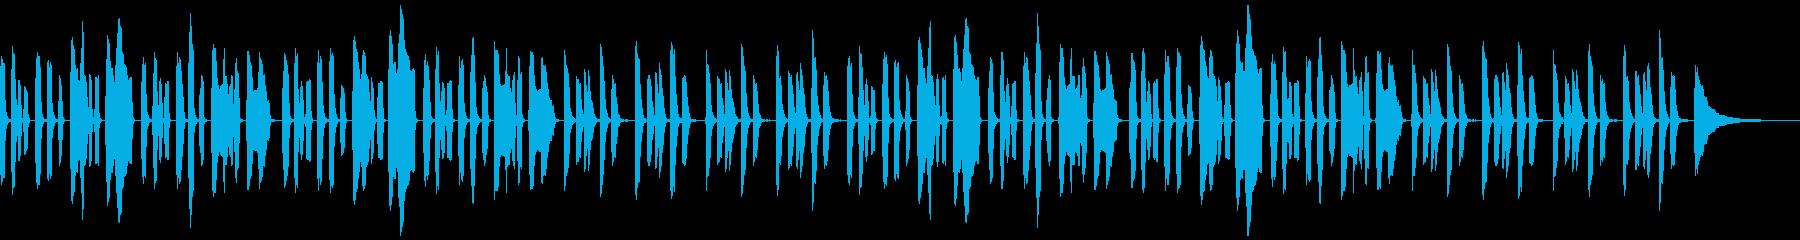 YouTubeコミカルかわいいリコーダーの再生済みの波形